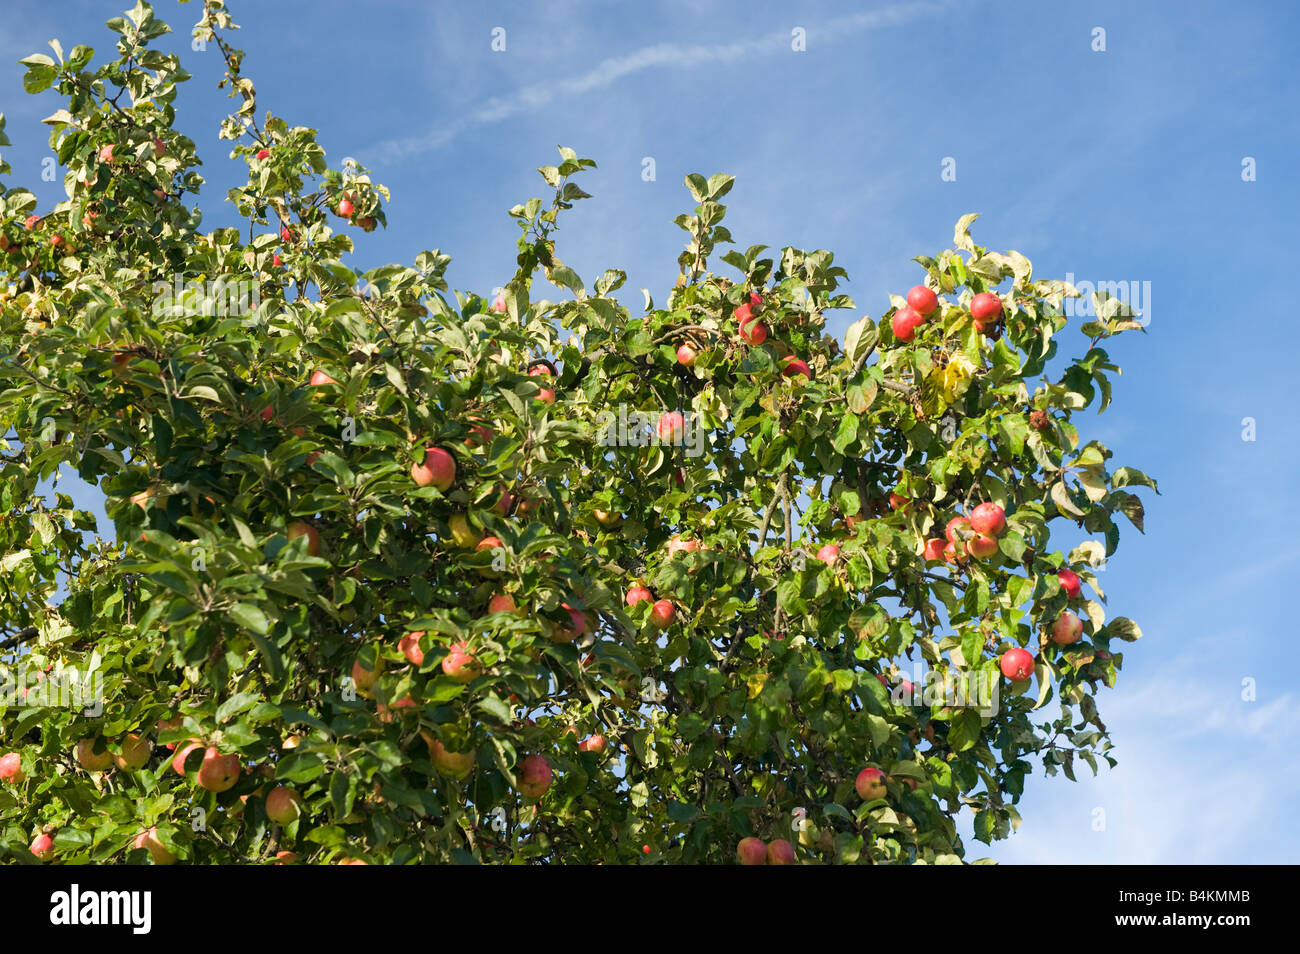 gro en apfelbaum mit reifen pfel zur ernte blauer himmel rote pfel reichen gro e ernte garten. Black Bedroom Furniture Sets. Home Design Ideas